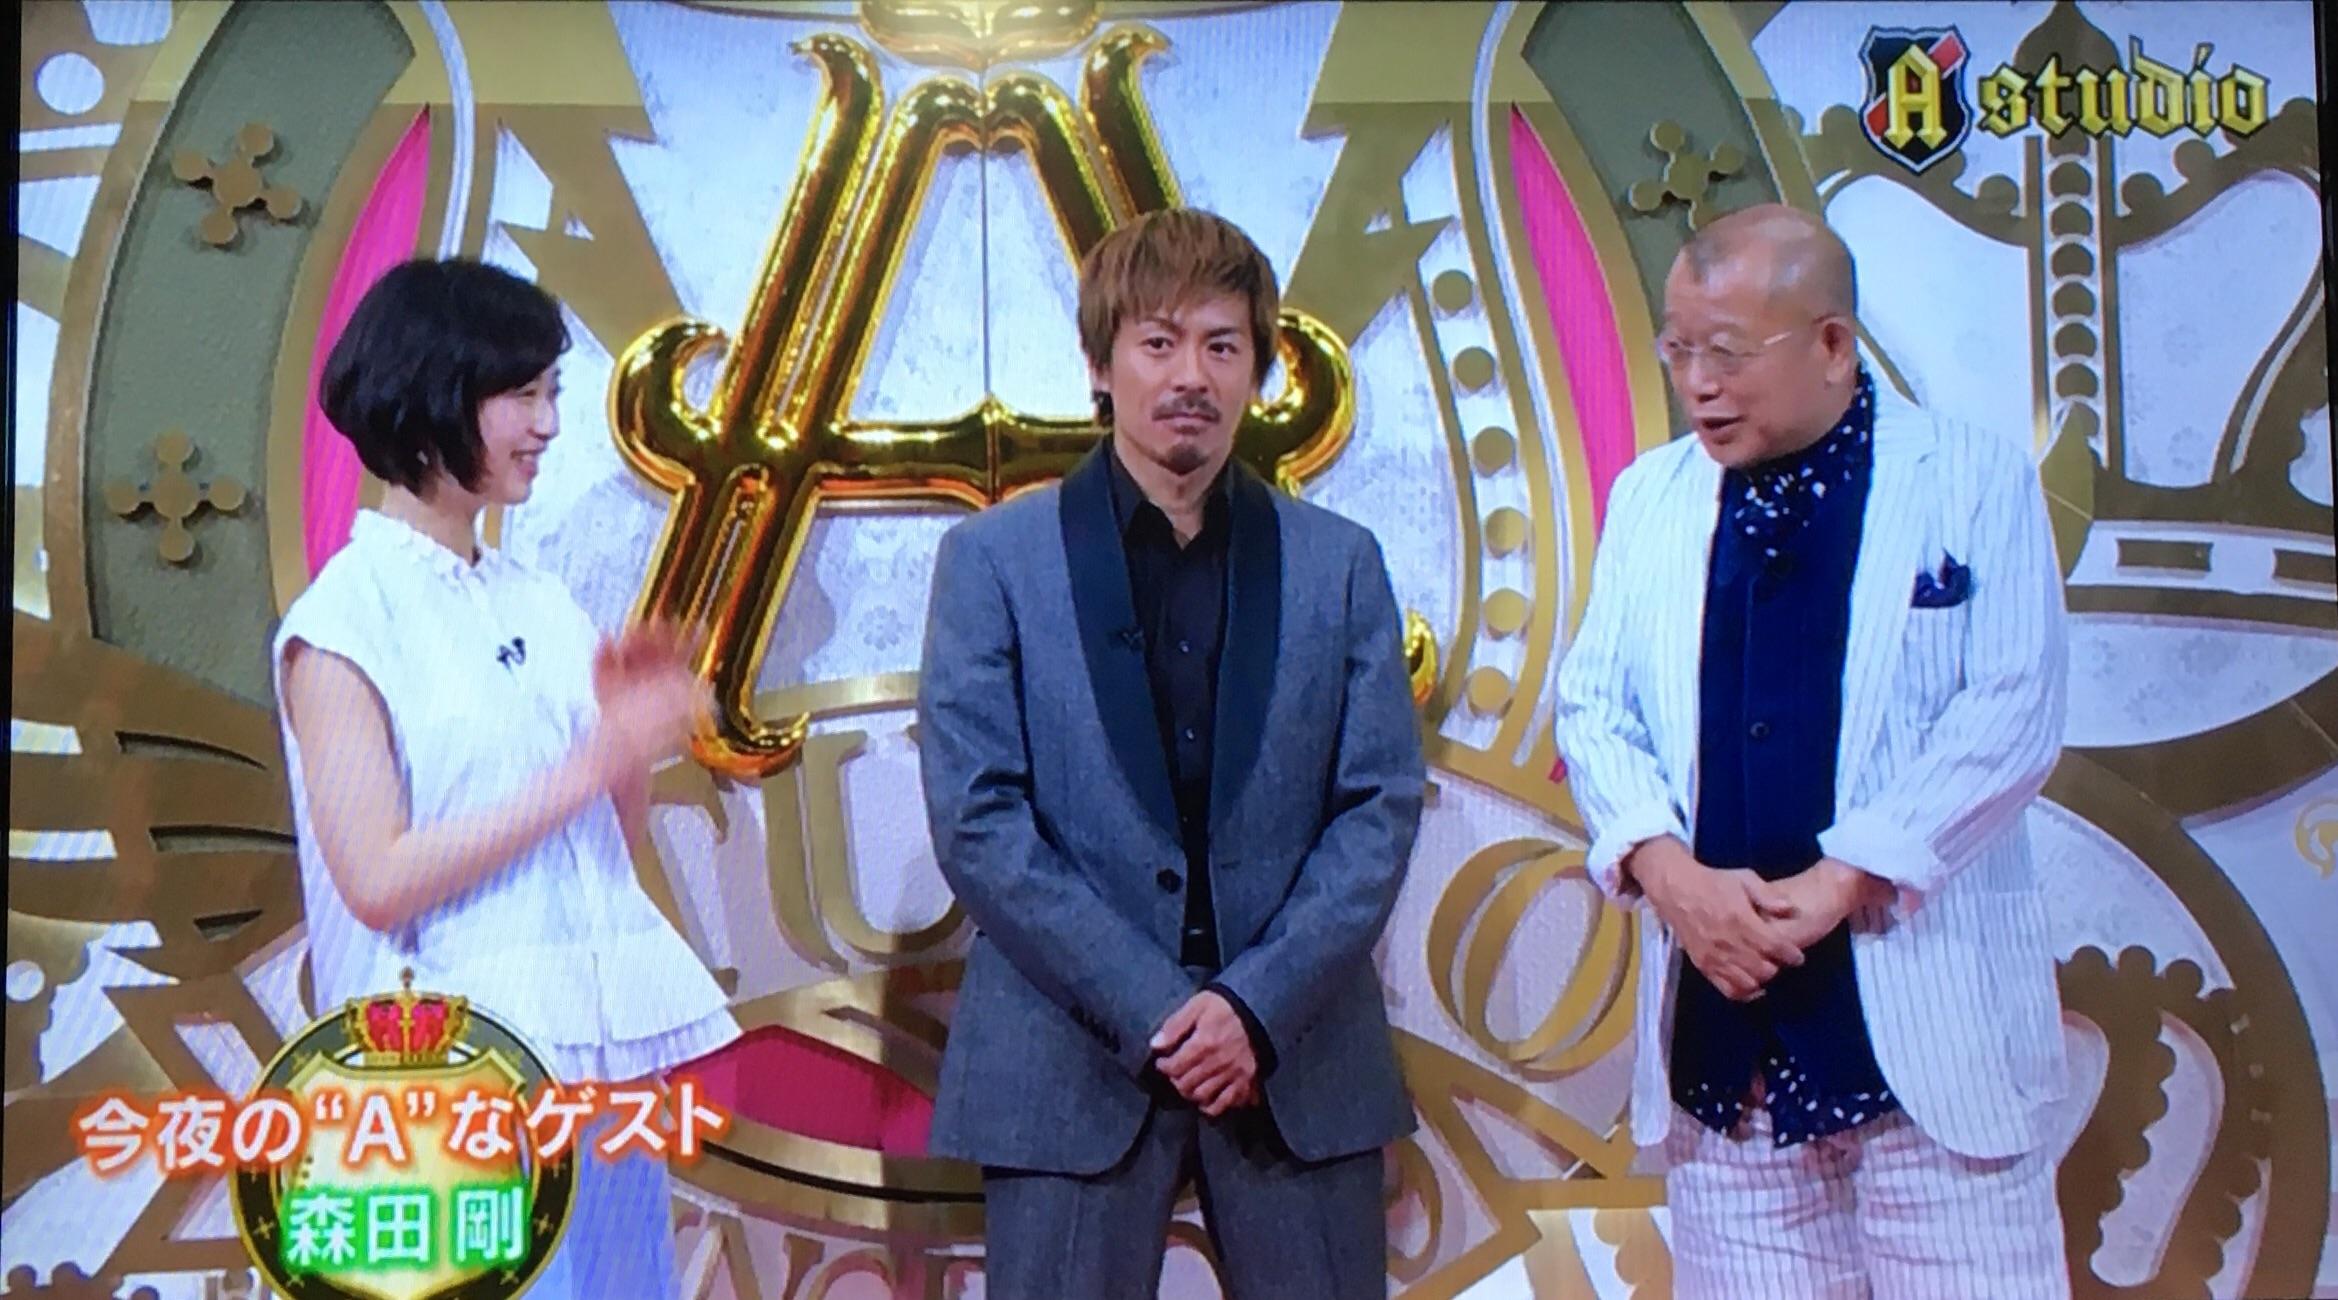 f:id:idehazuki:20160528210151j:image